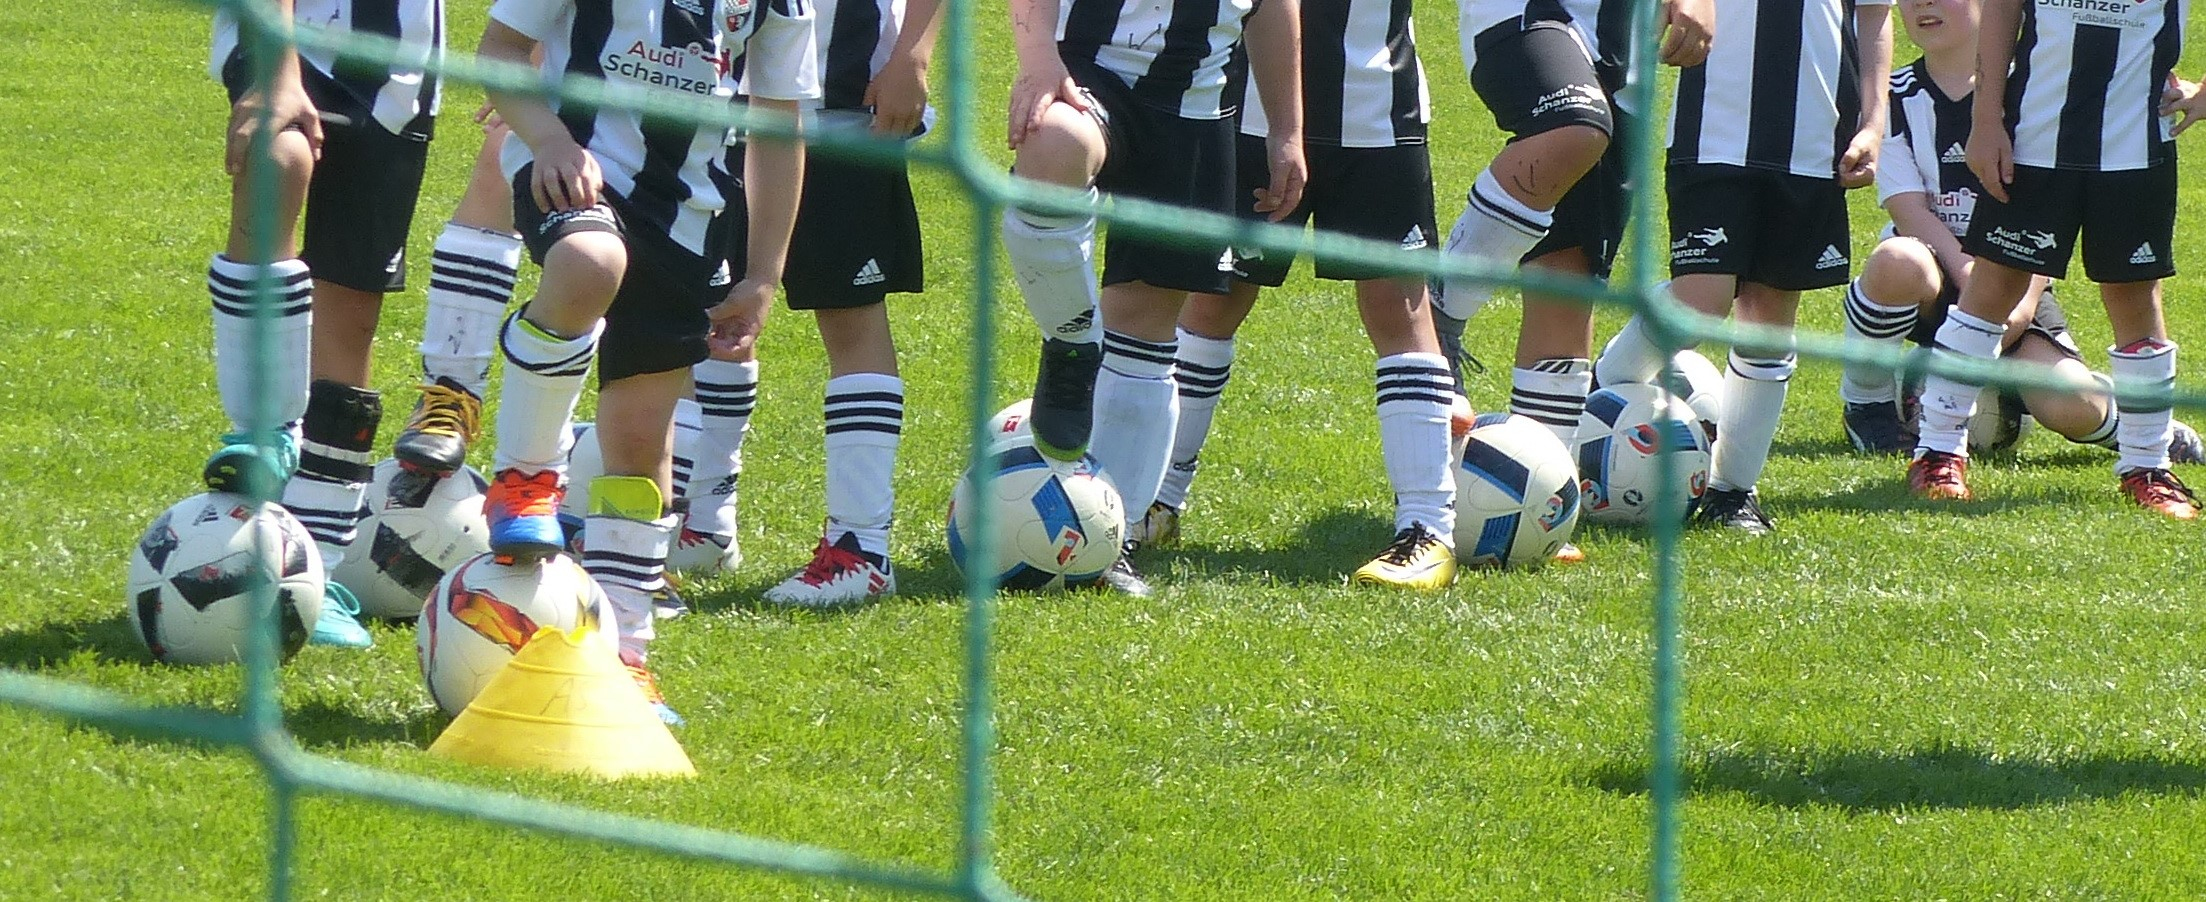 Fußball Kinderbeine